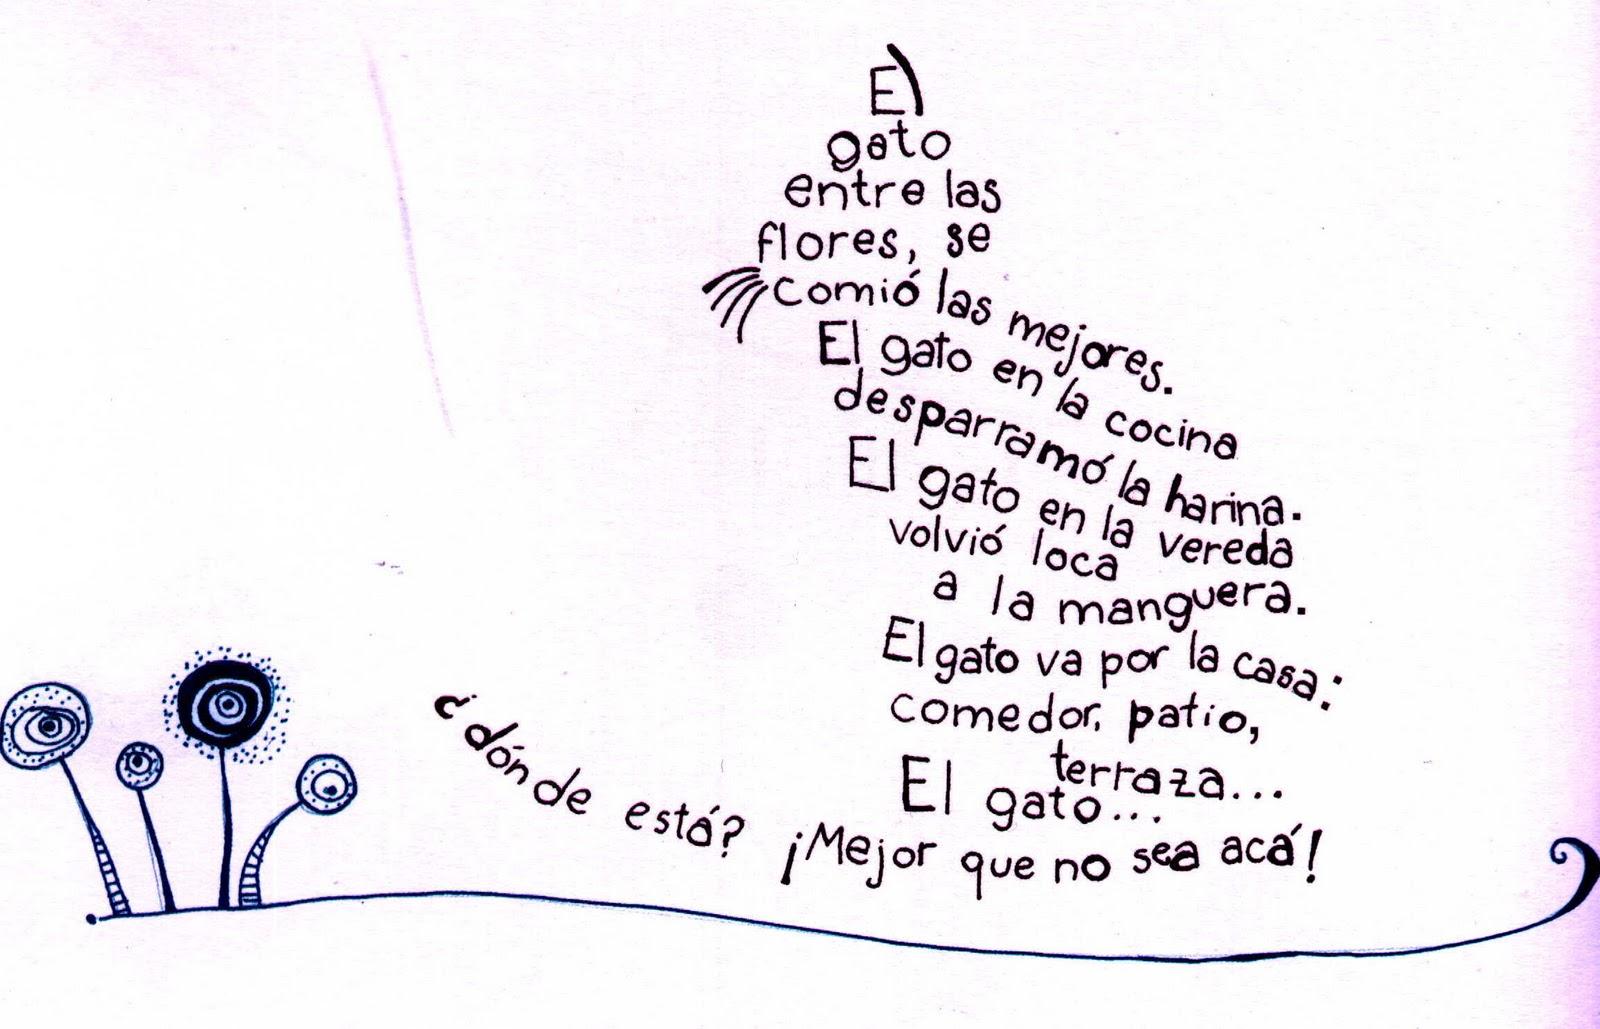 Caligramas para el Día de la Lectura en Andalucía (16 de diciembre